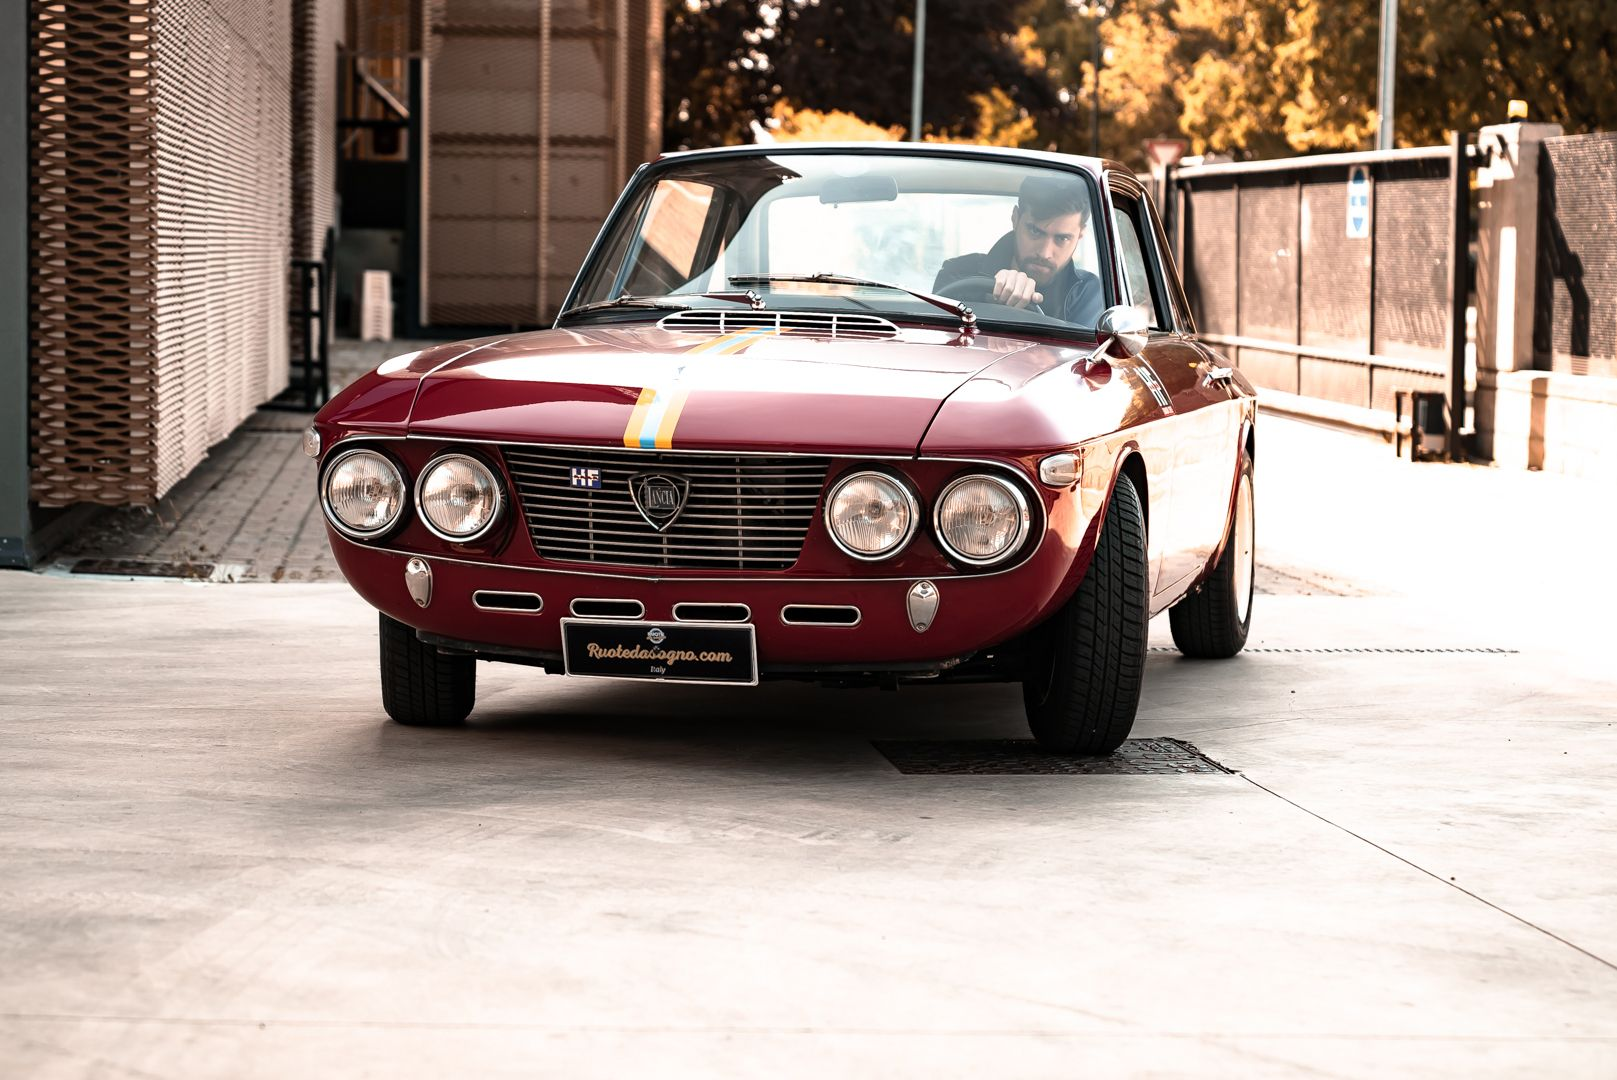 1968 Lancia Fulvia HF 1300 Rally 70675